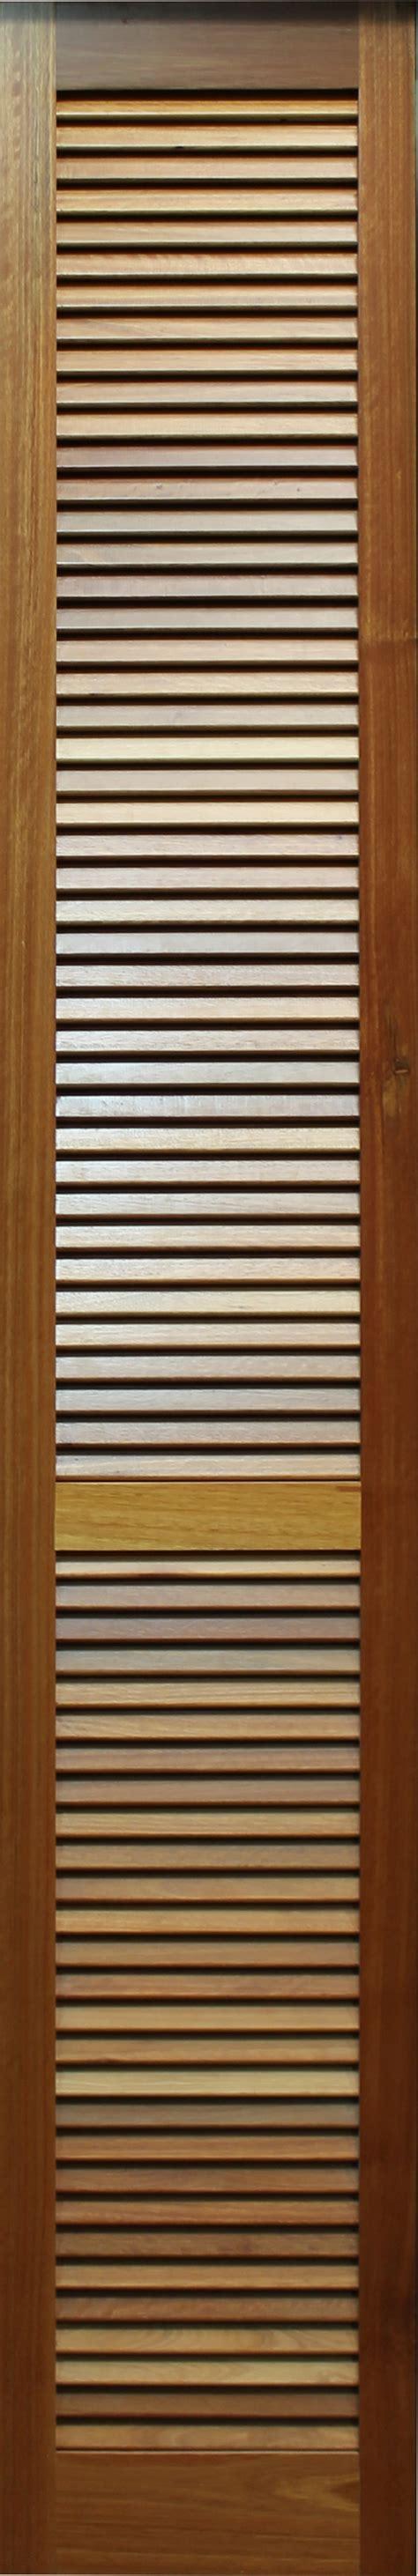 Bi Fold Doors Full Louver Louver Closet Doors